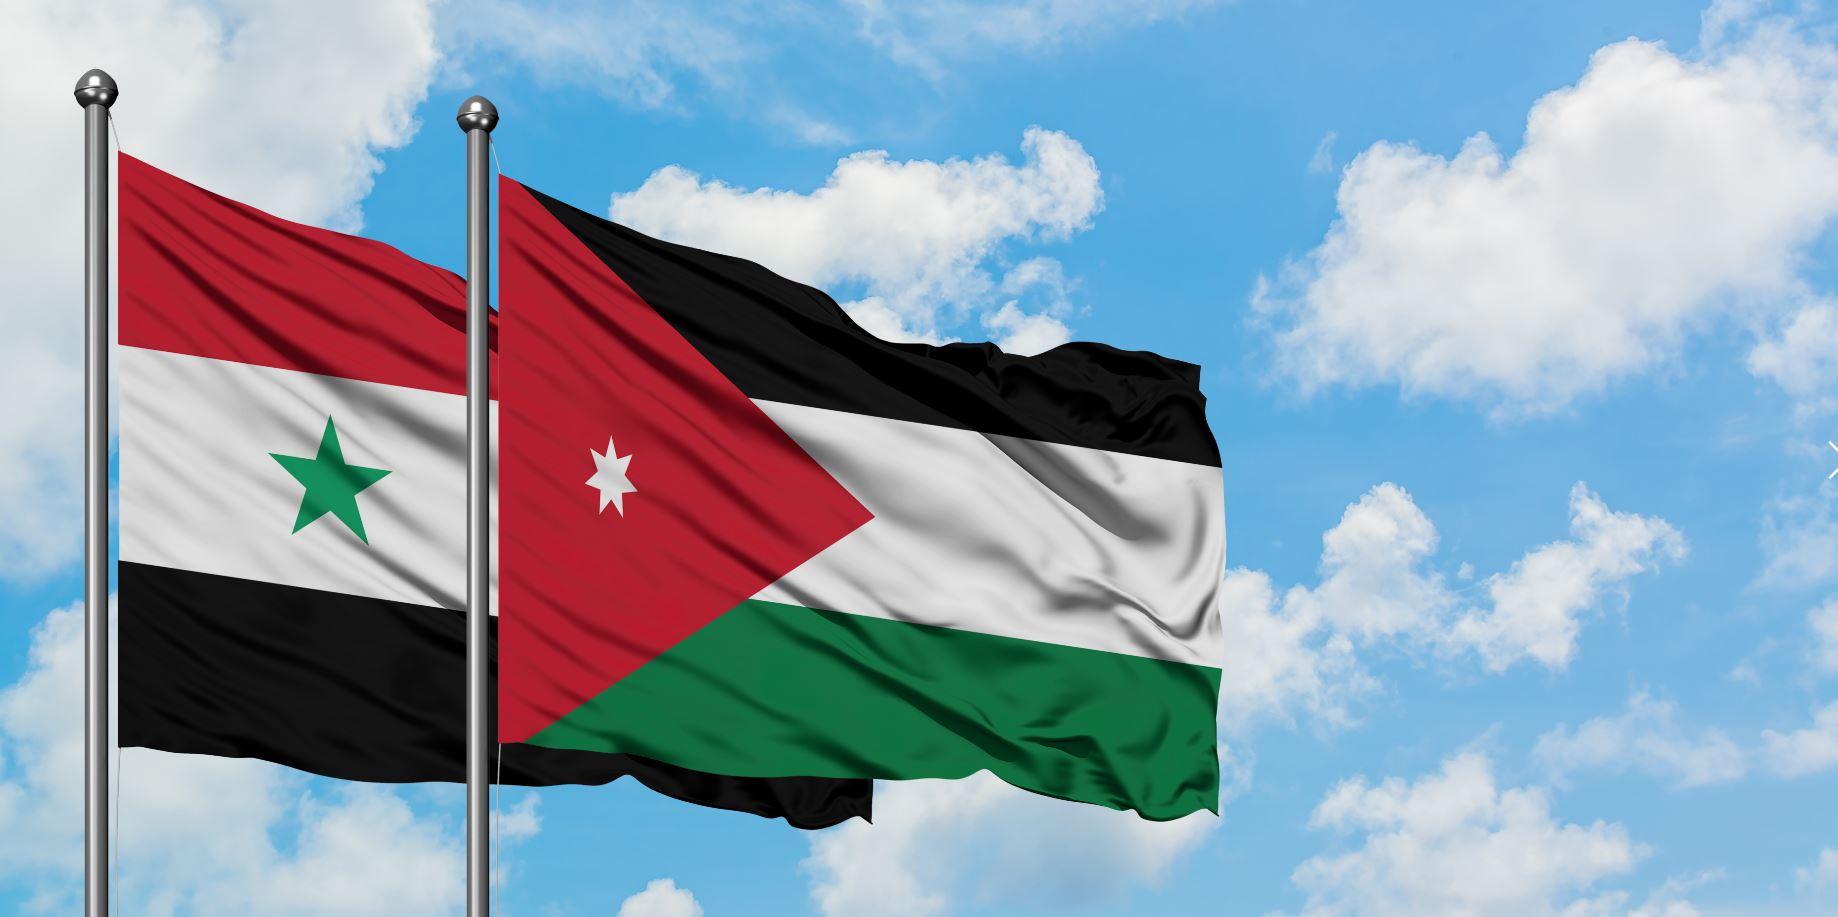 كيف هي العلاقات الأردنية السورية؟